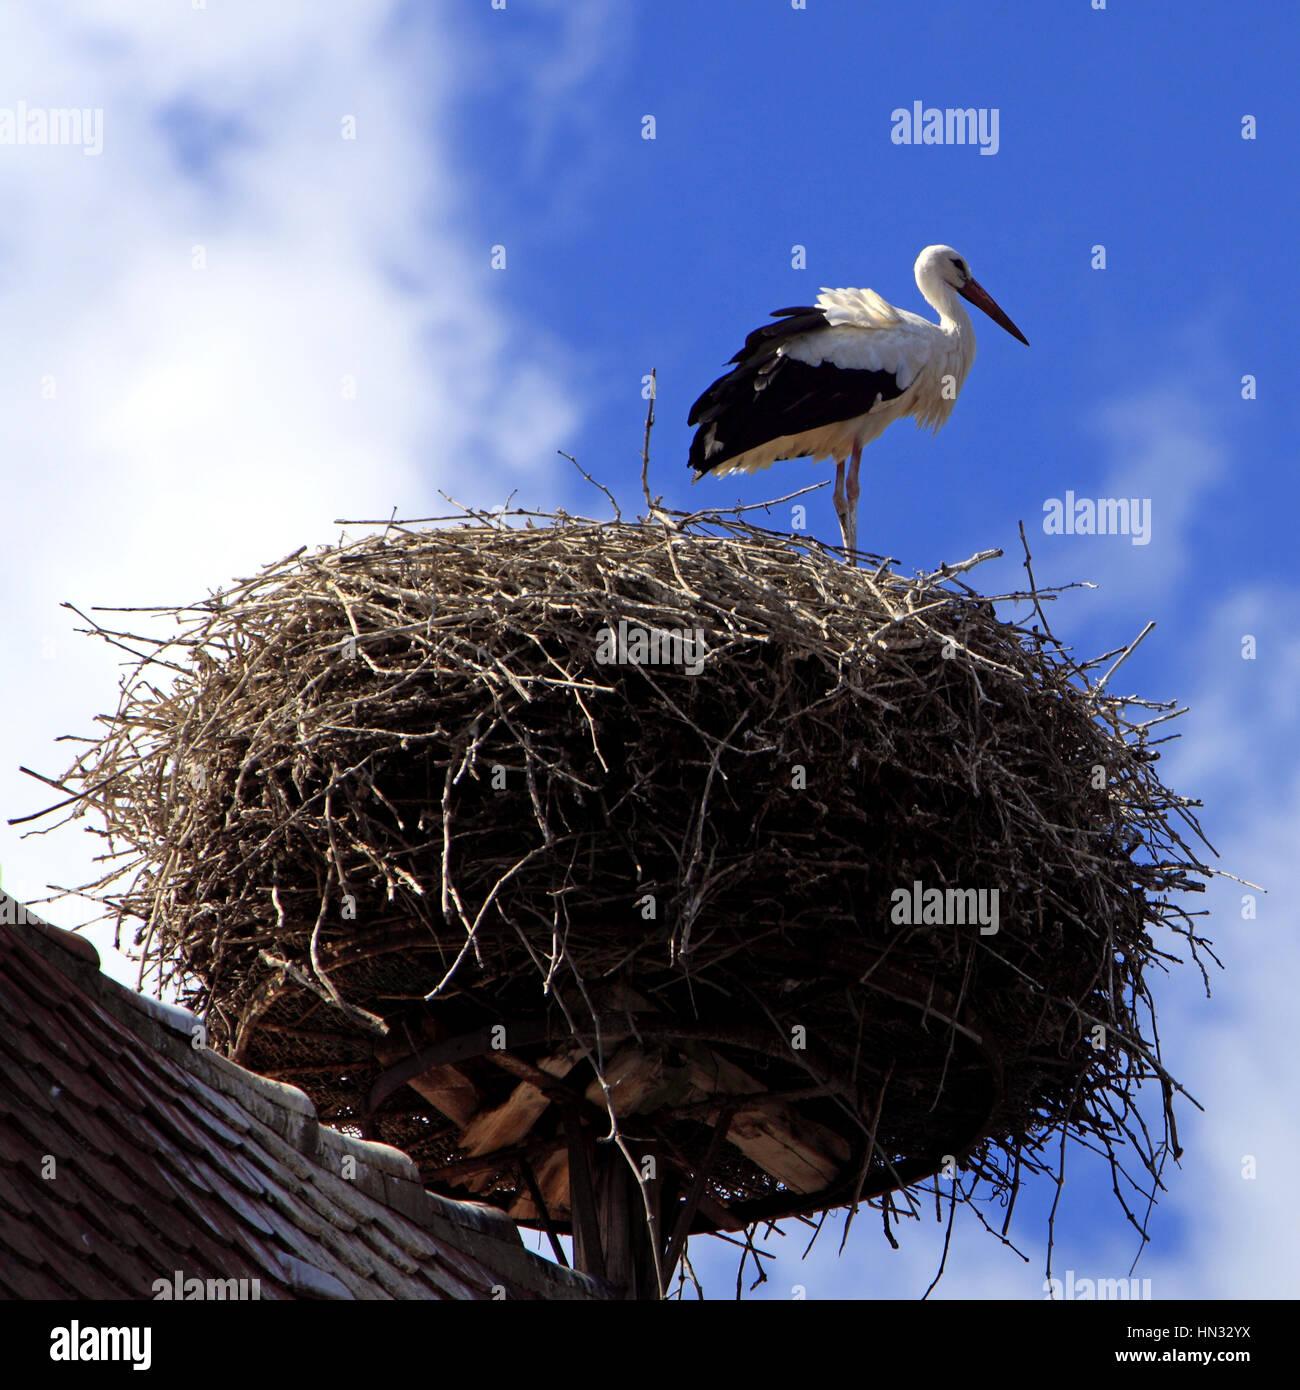 Cigogne au nid sur une toiture dans le village. Ribeauvillé.  F 68 - Stock Image